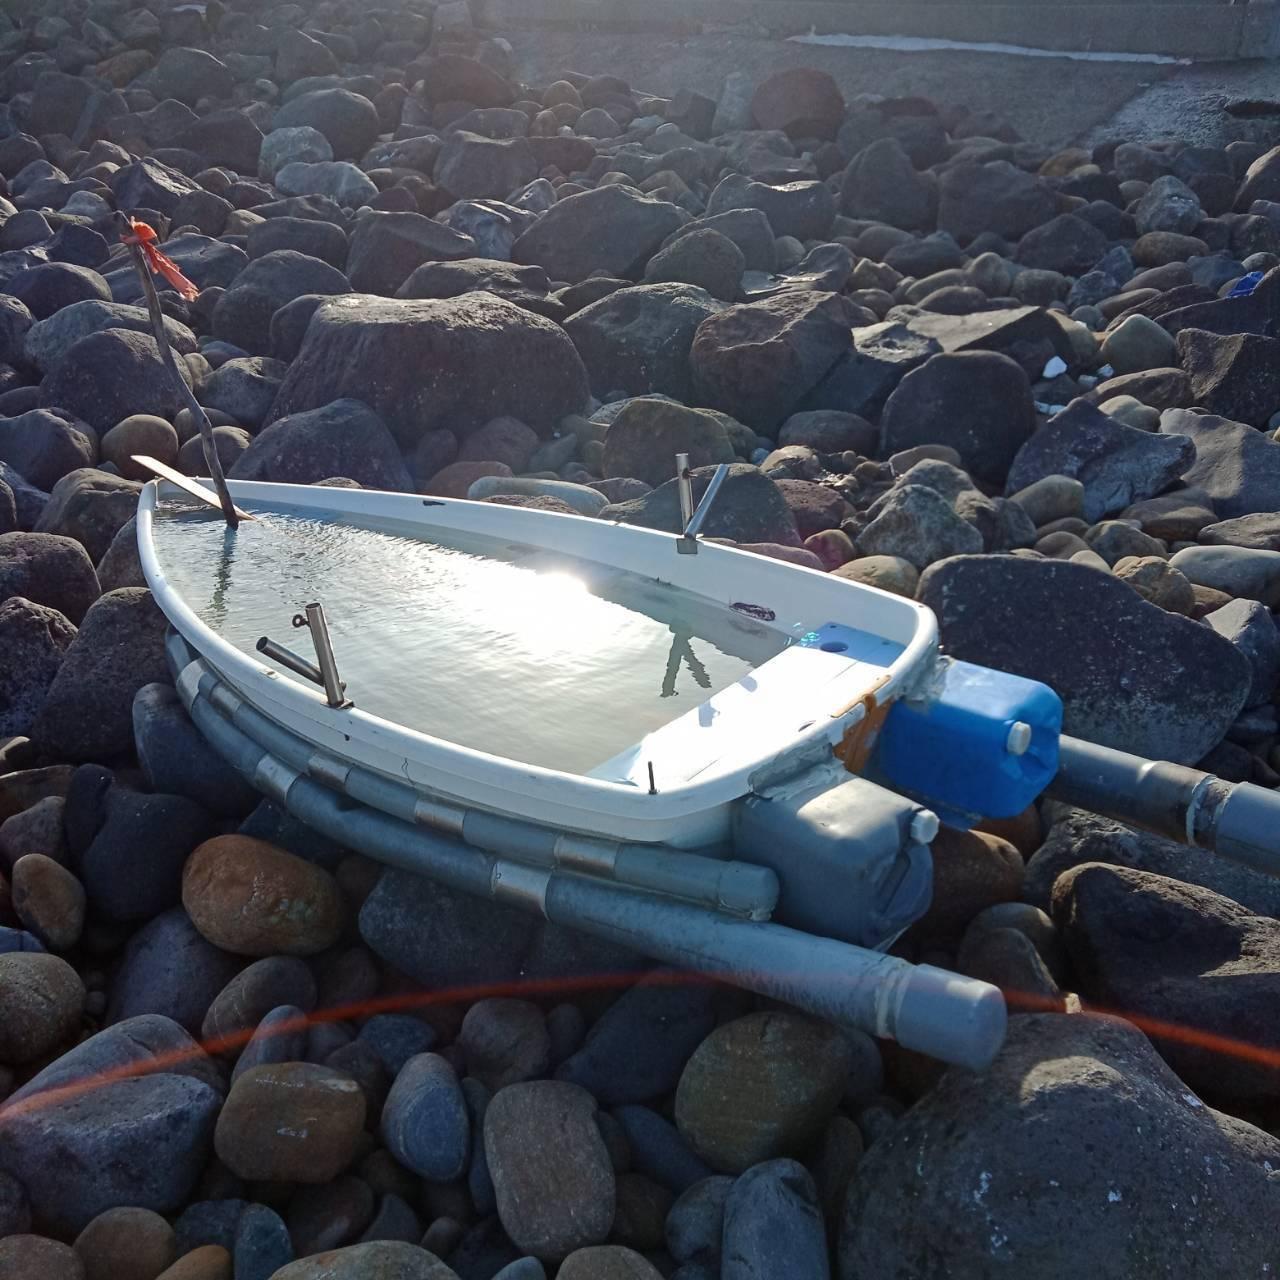 3人酒後出海划的無動力拼接小船被浪打上岸,尋獲時船艙內裝滿海水。圖/警方提供